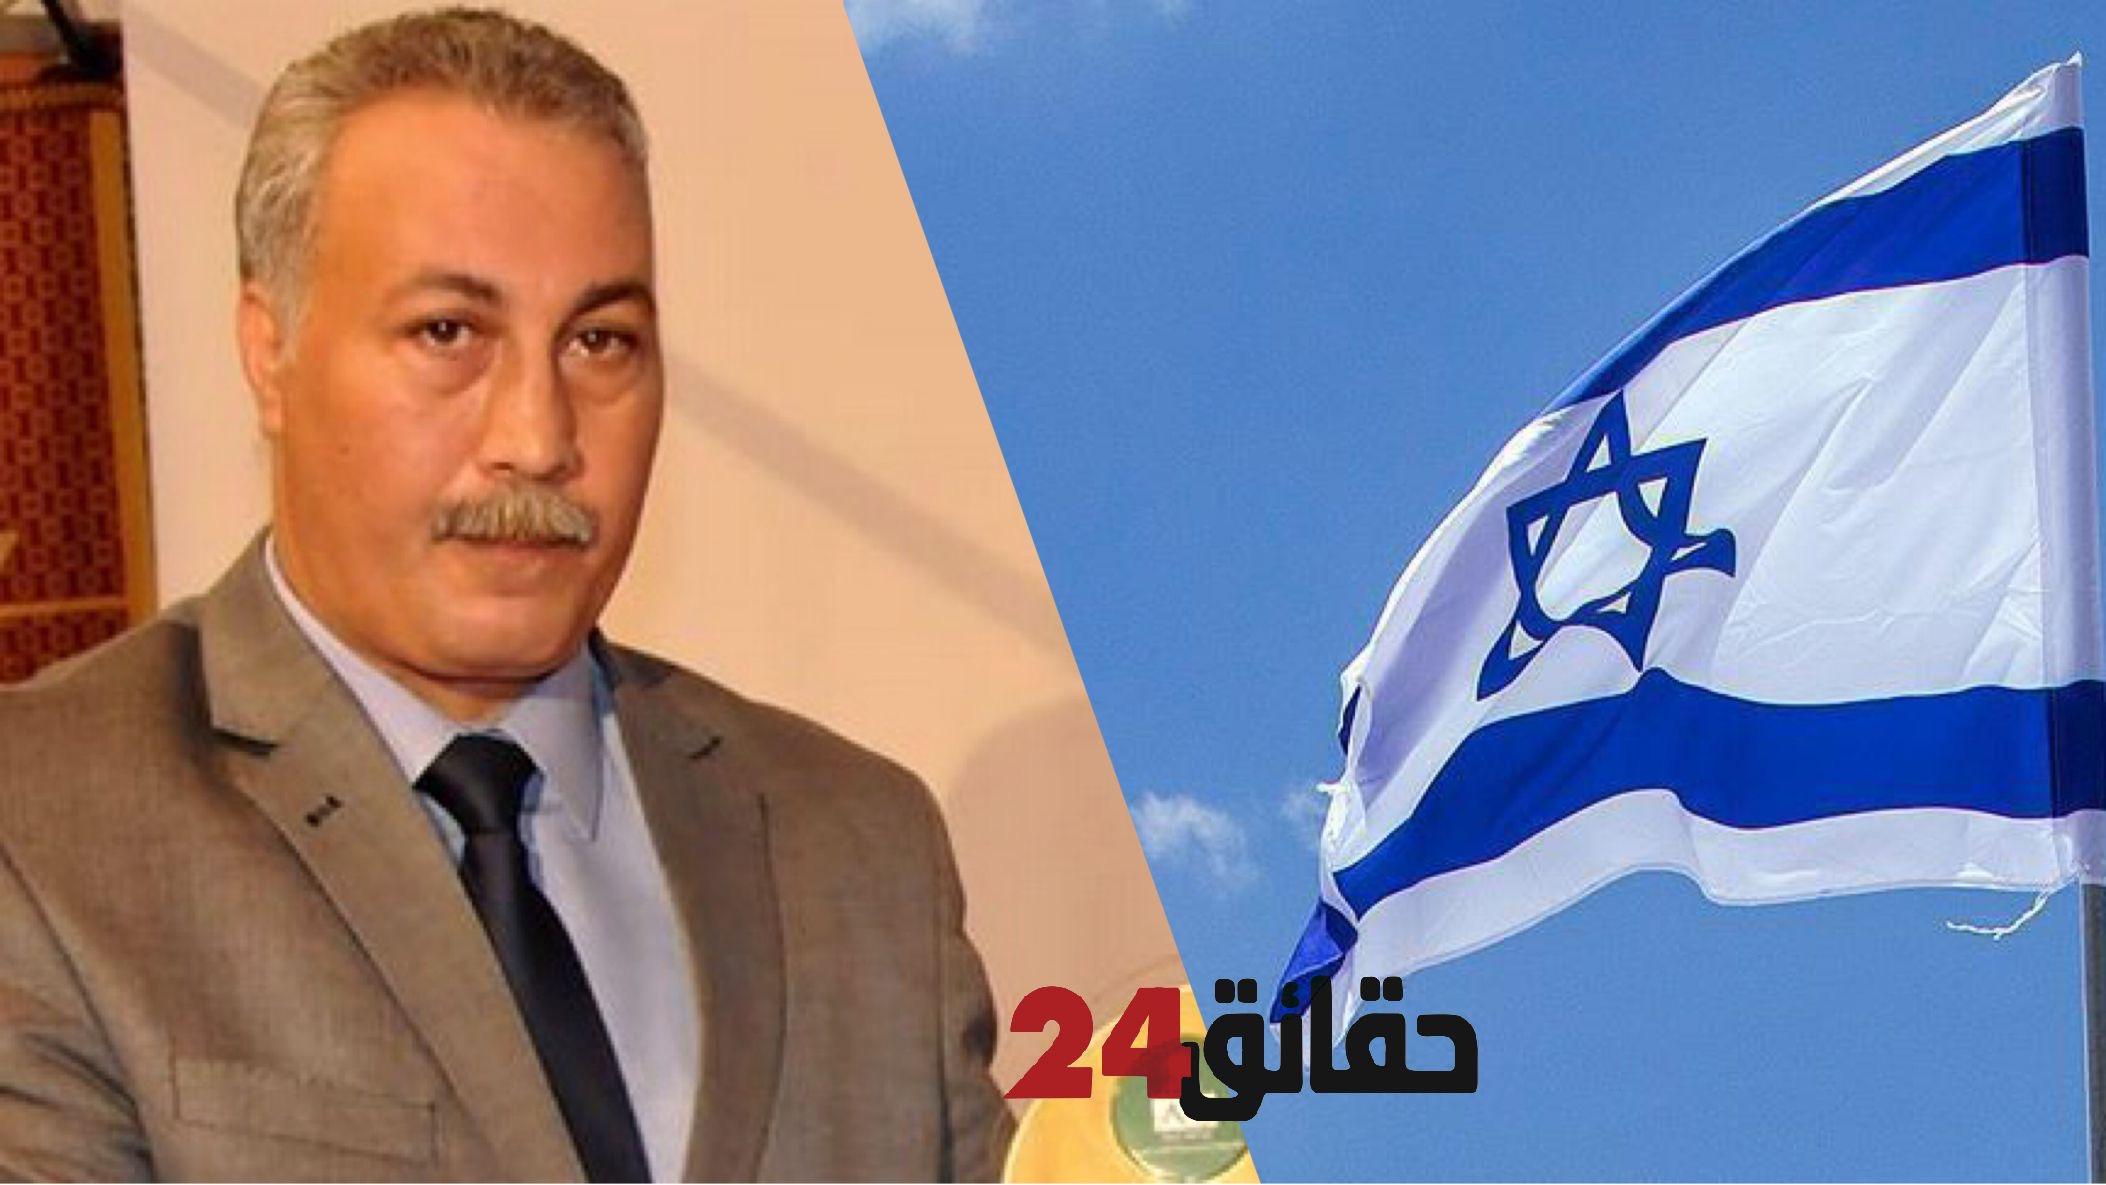 """صورة """"لوطا"""" أول جماعة مغربية تستشرف توأمة مع بلدة إسرائيلية"""